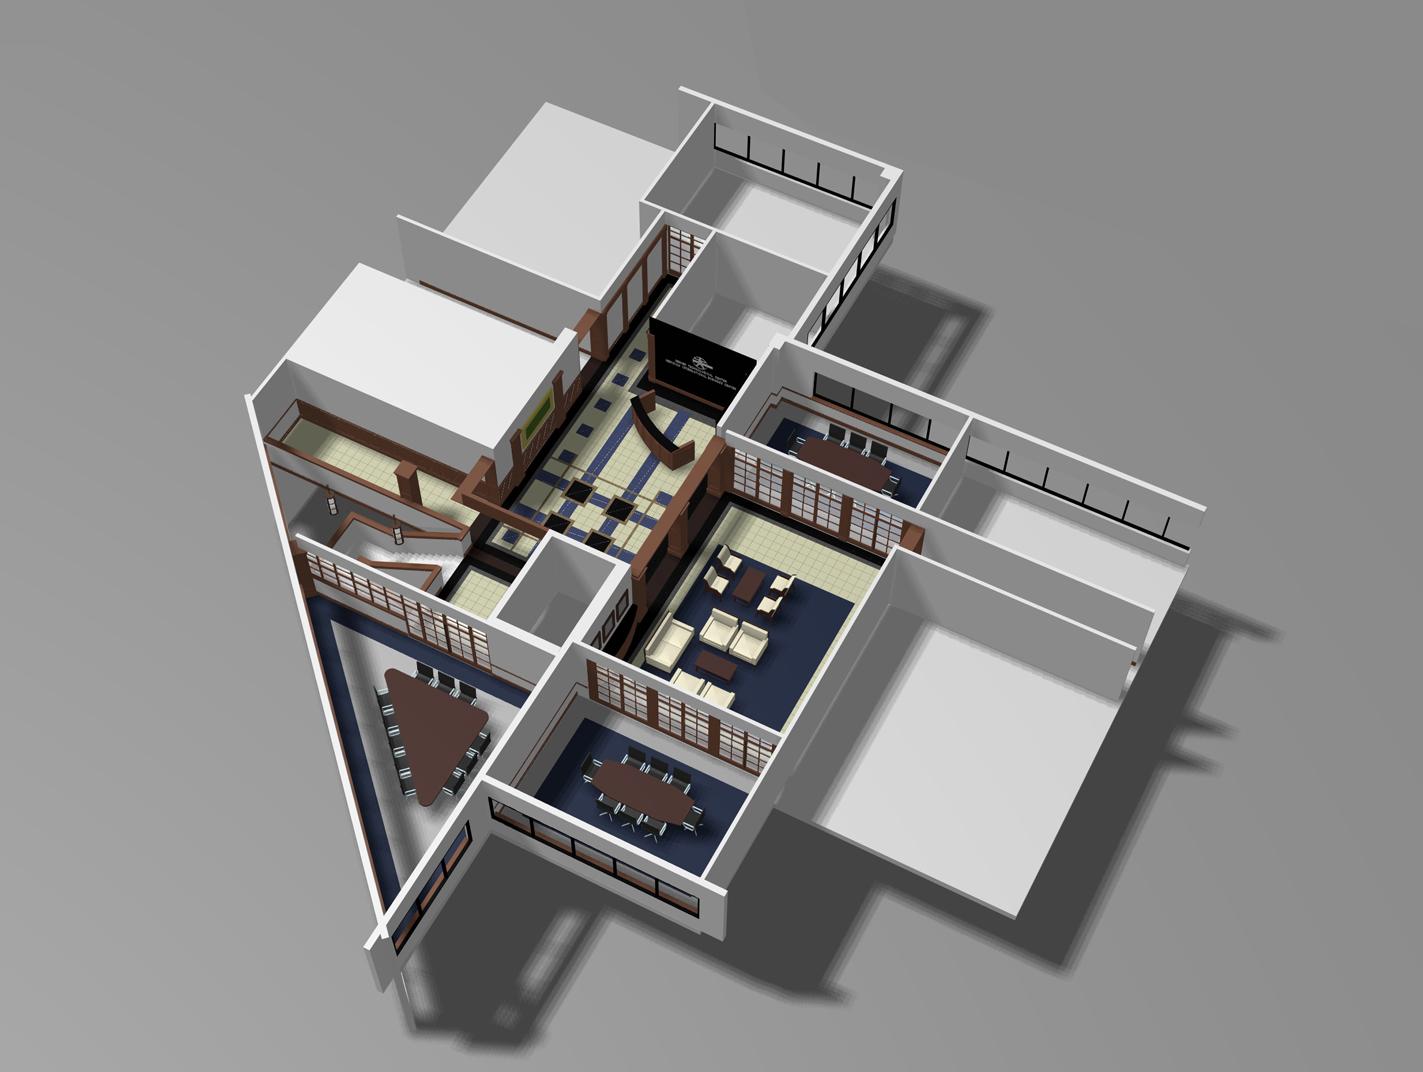 Shea Properties DTC Axon